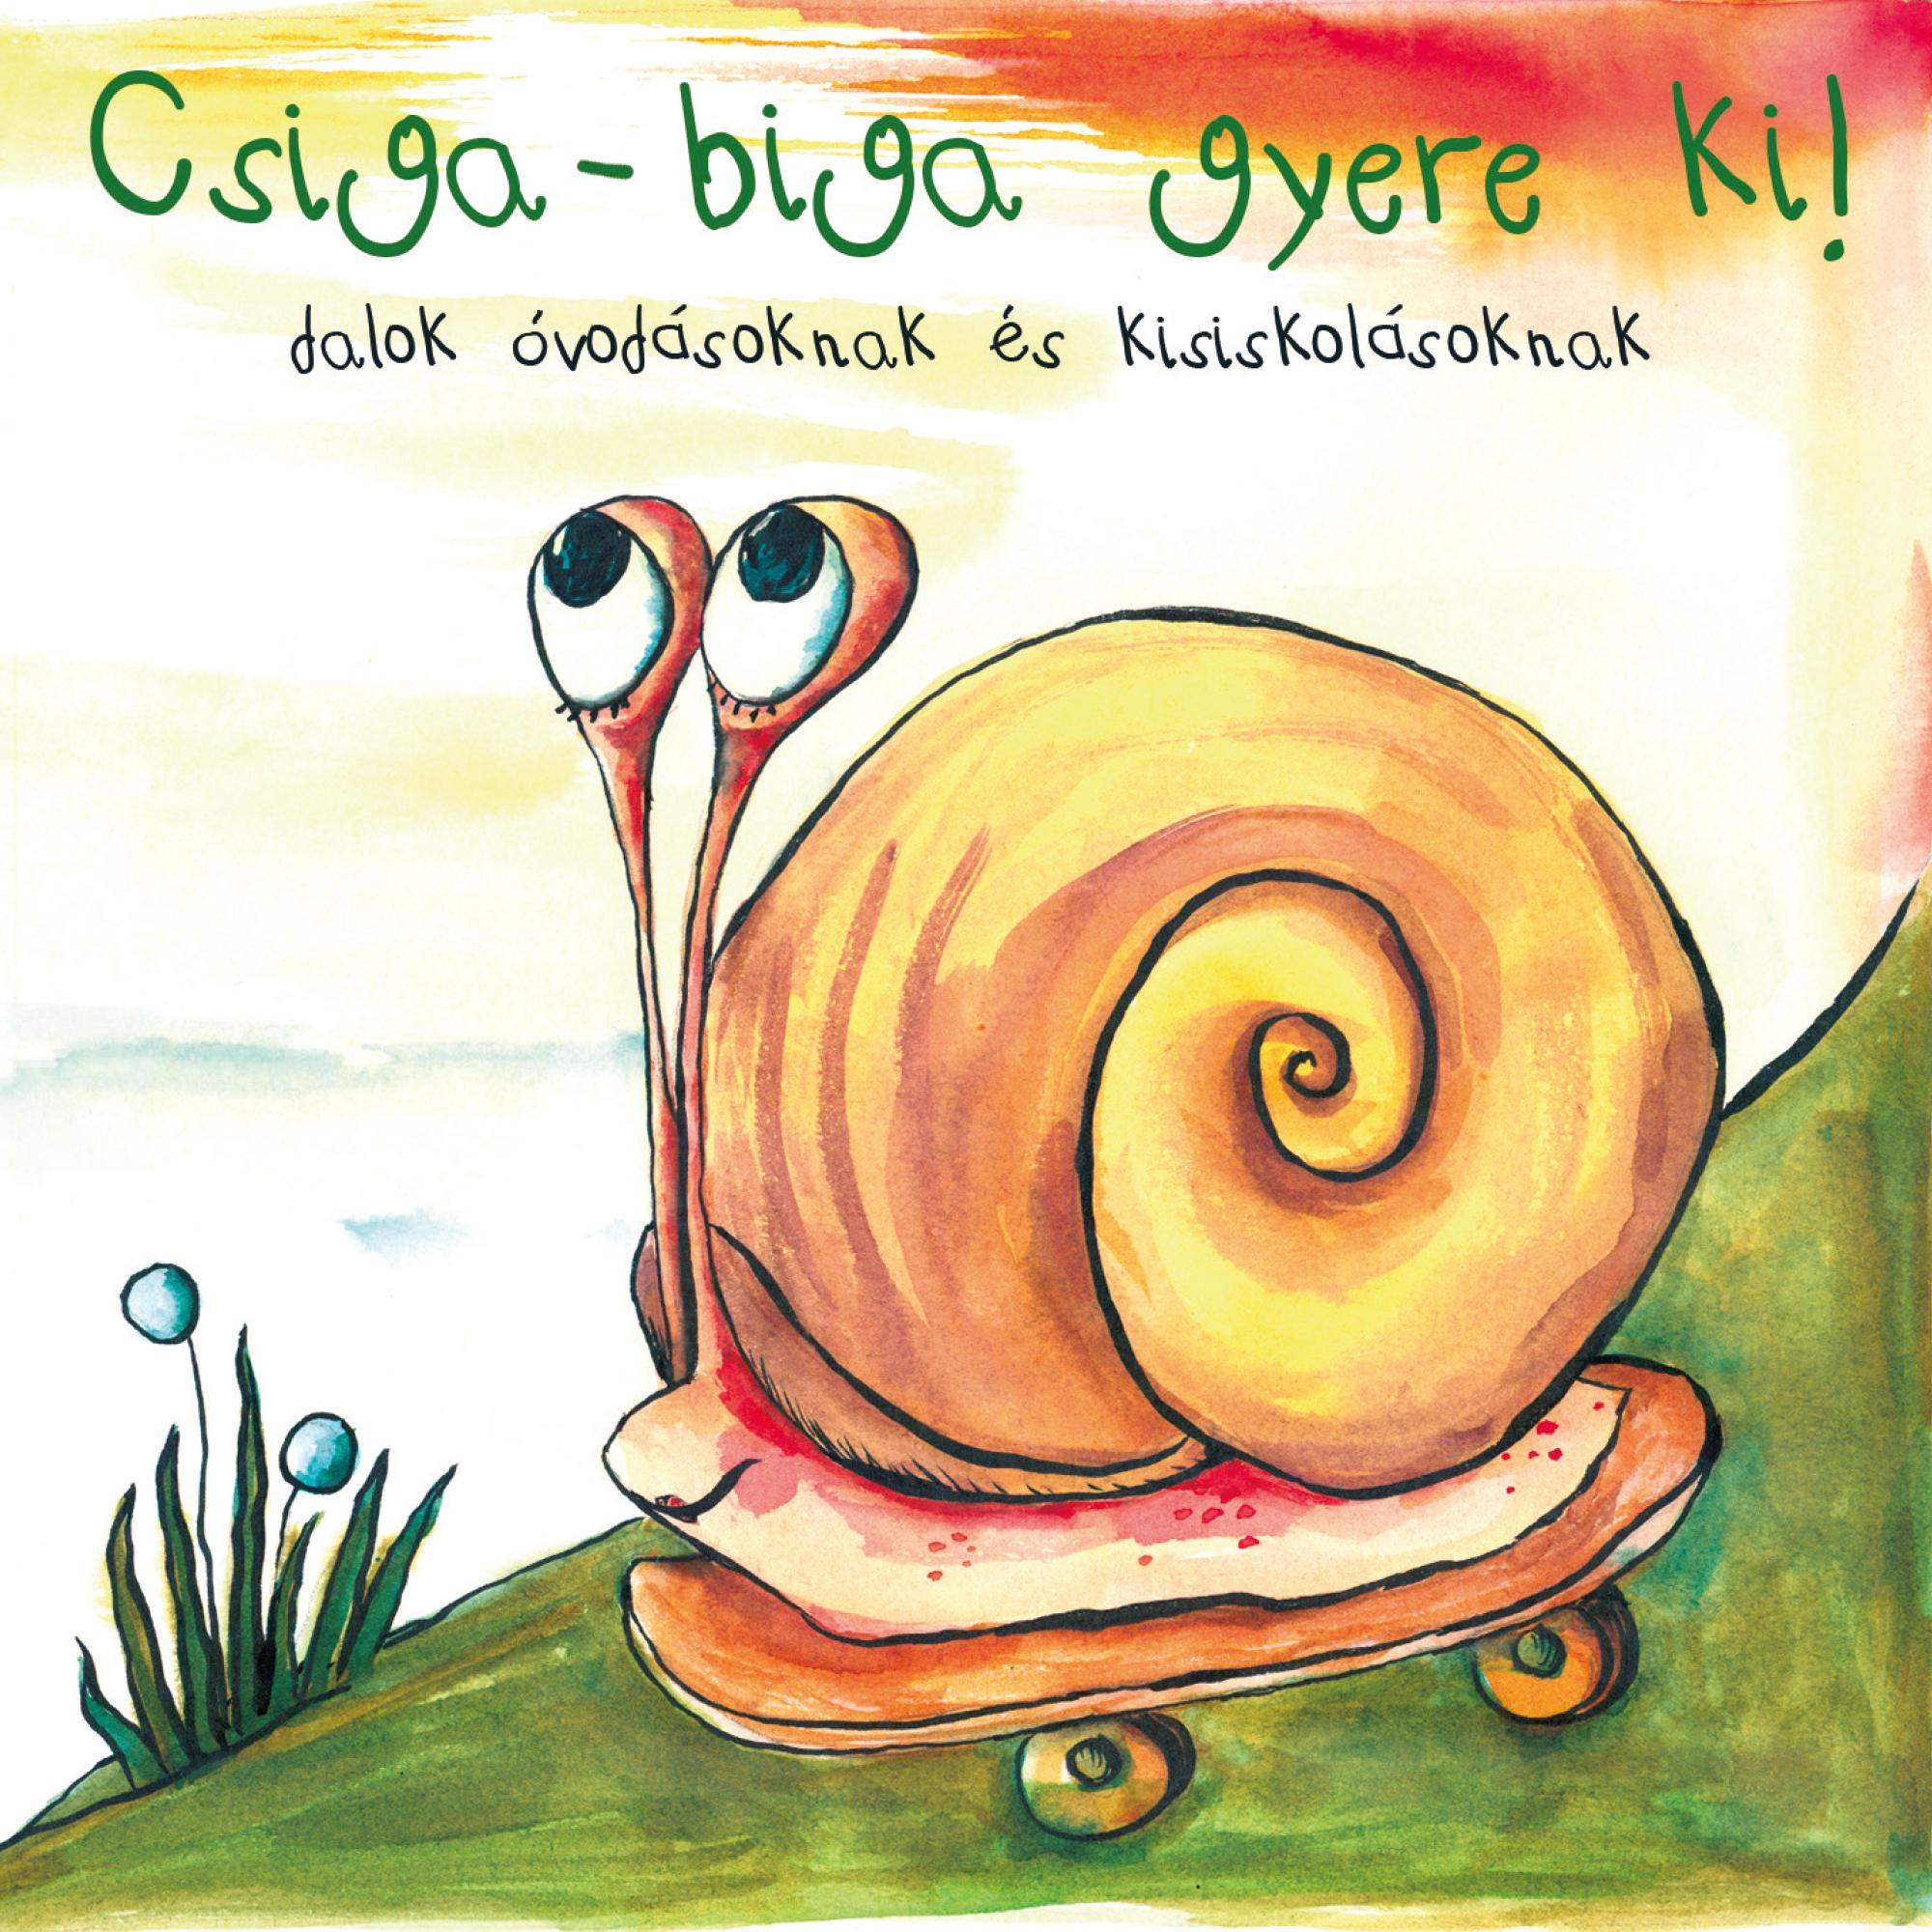 - CSIGA-BIGA GYERE KI! - CD - DALOK ÓVODÁSOKNAK ÉS KISISKOLÁSOKNAK